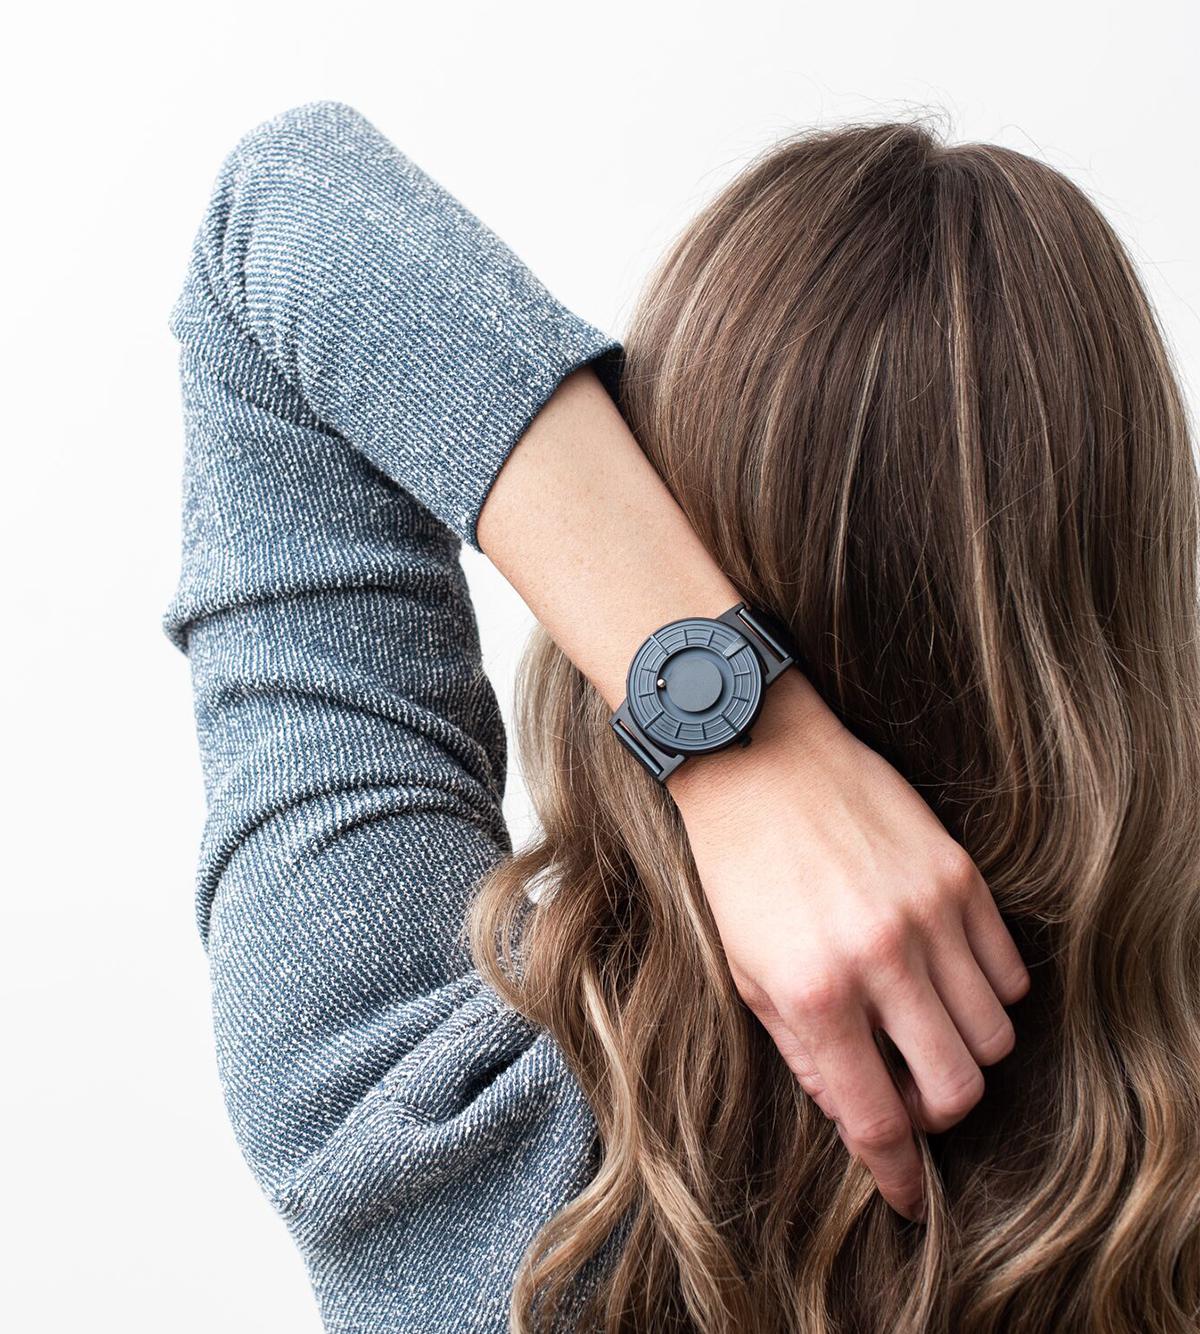 時計の機能とデザインを根本的に解体し固定観念を捨て、「針」を無くした「触る時計」| EONE(COSMOS)